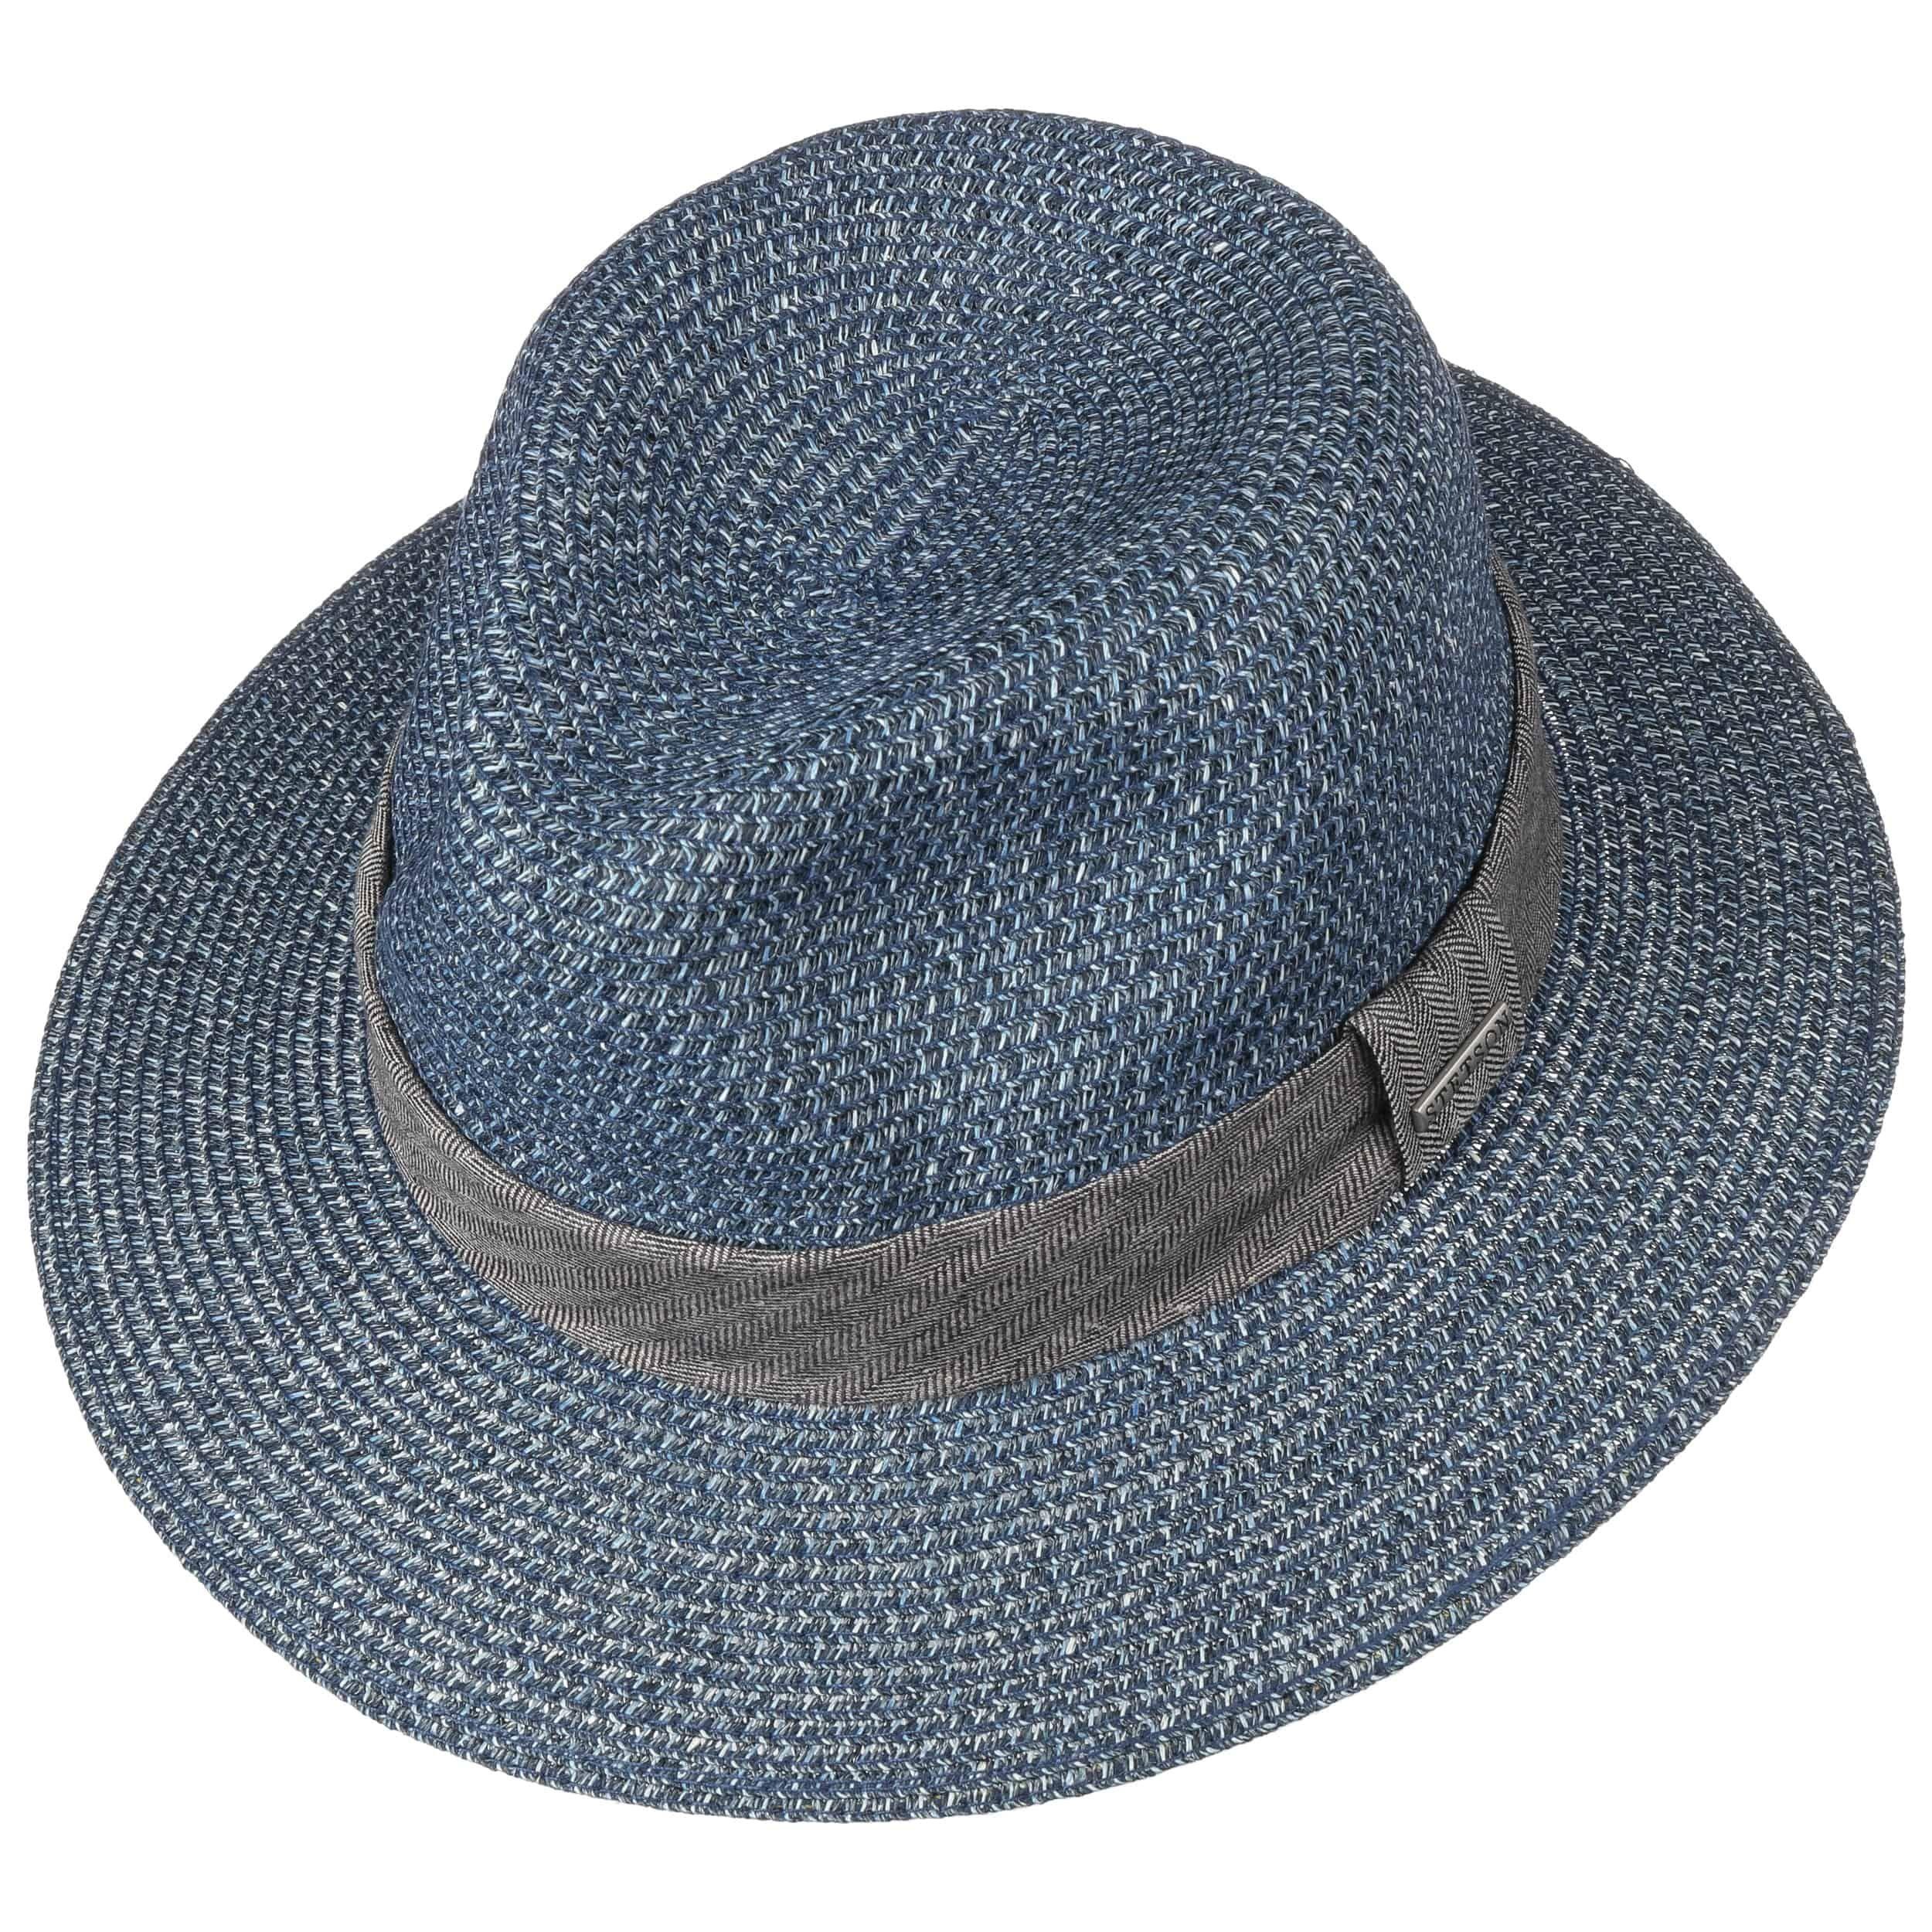 Nark Traveller Toyo Straw Hat blue-mottled